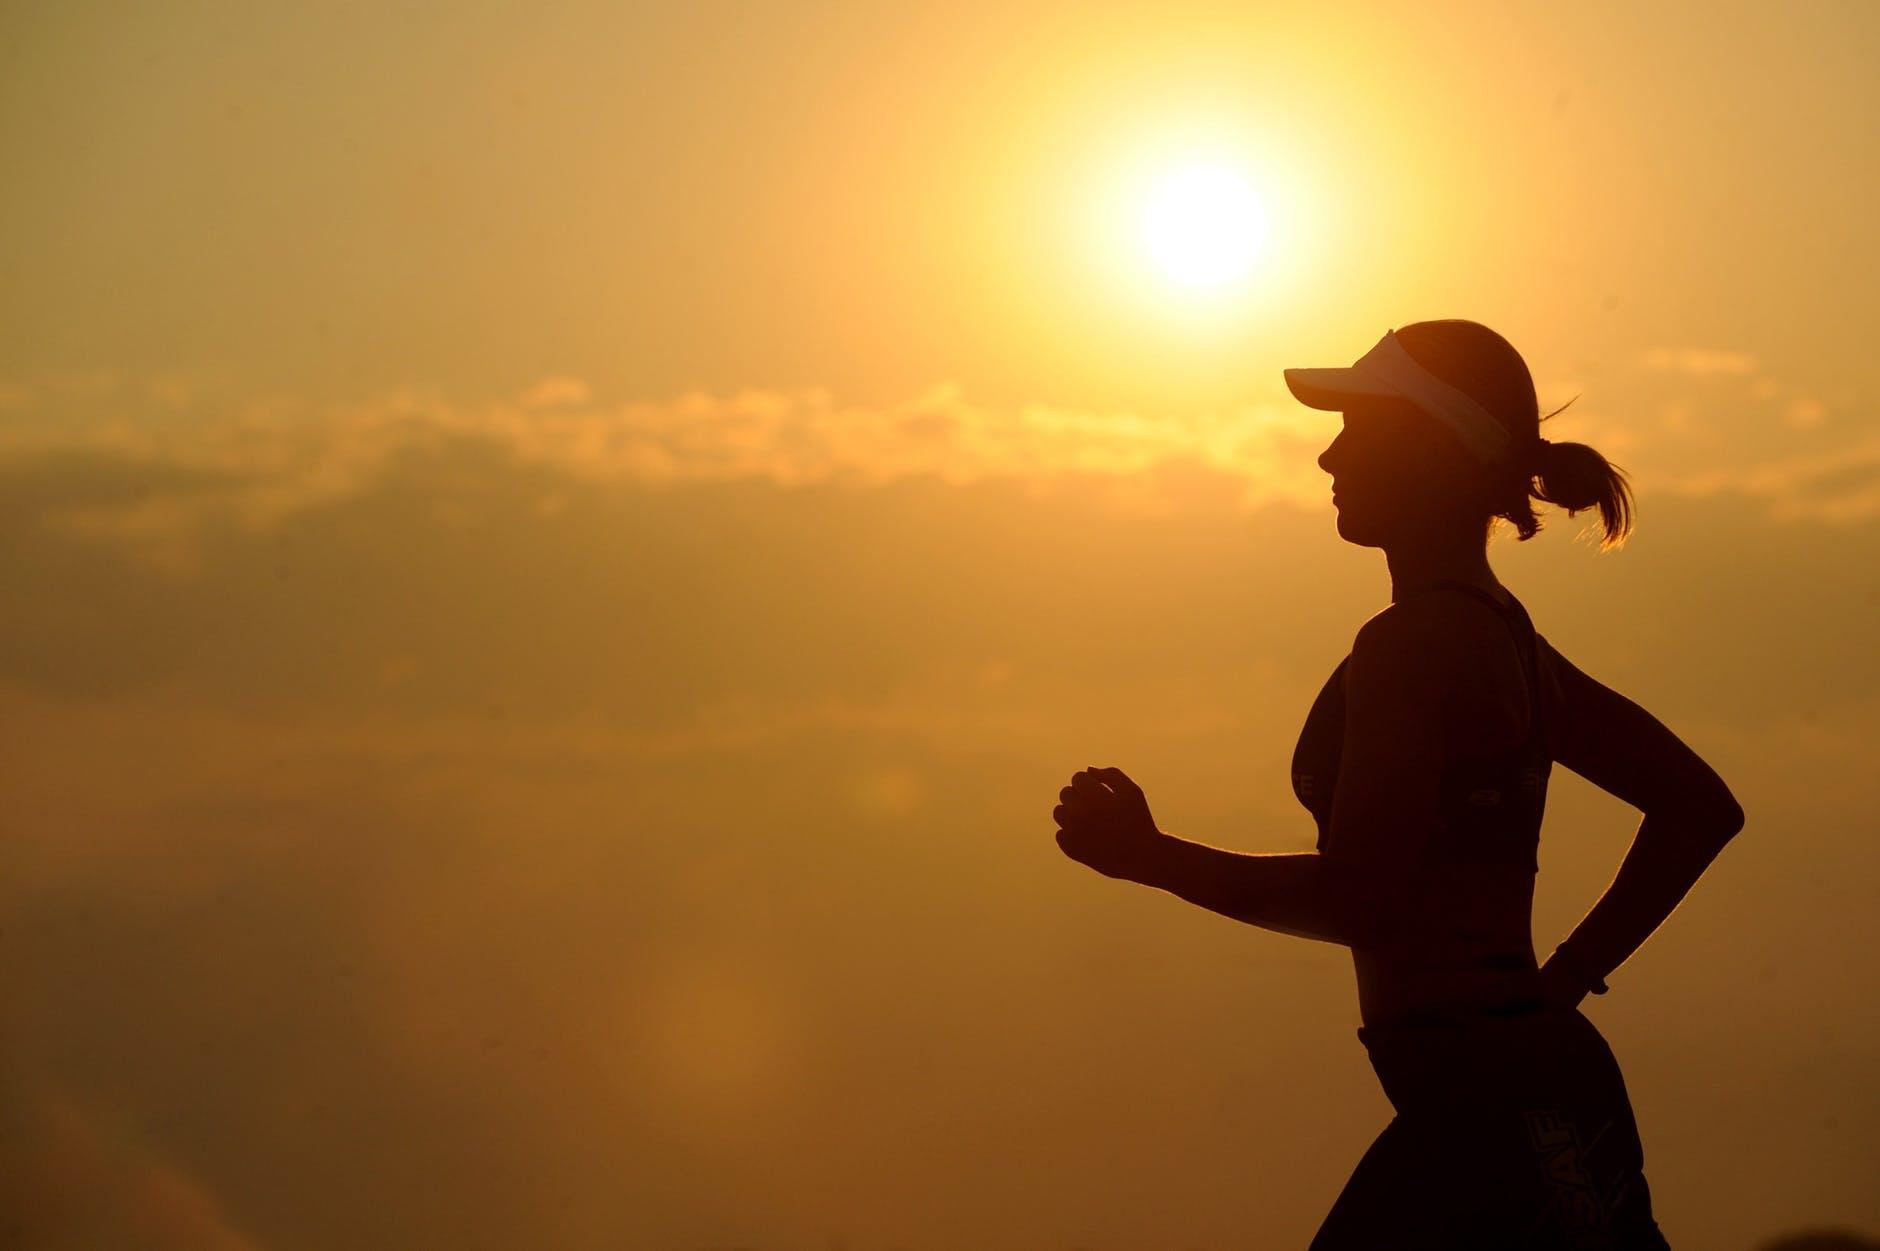 deporte, descanso y el sueño adecuado